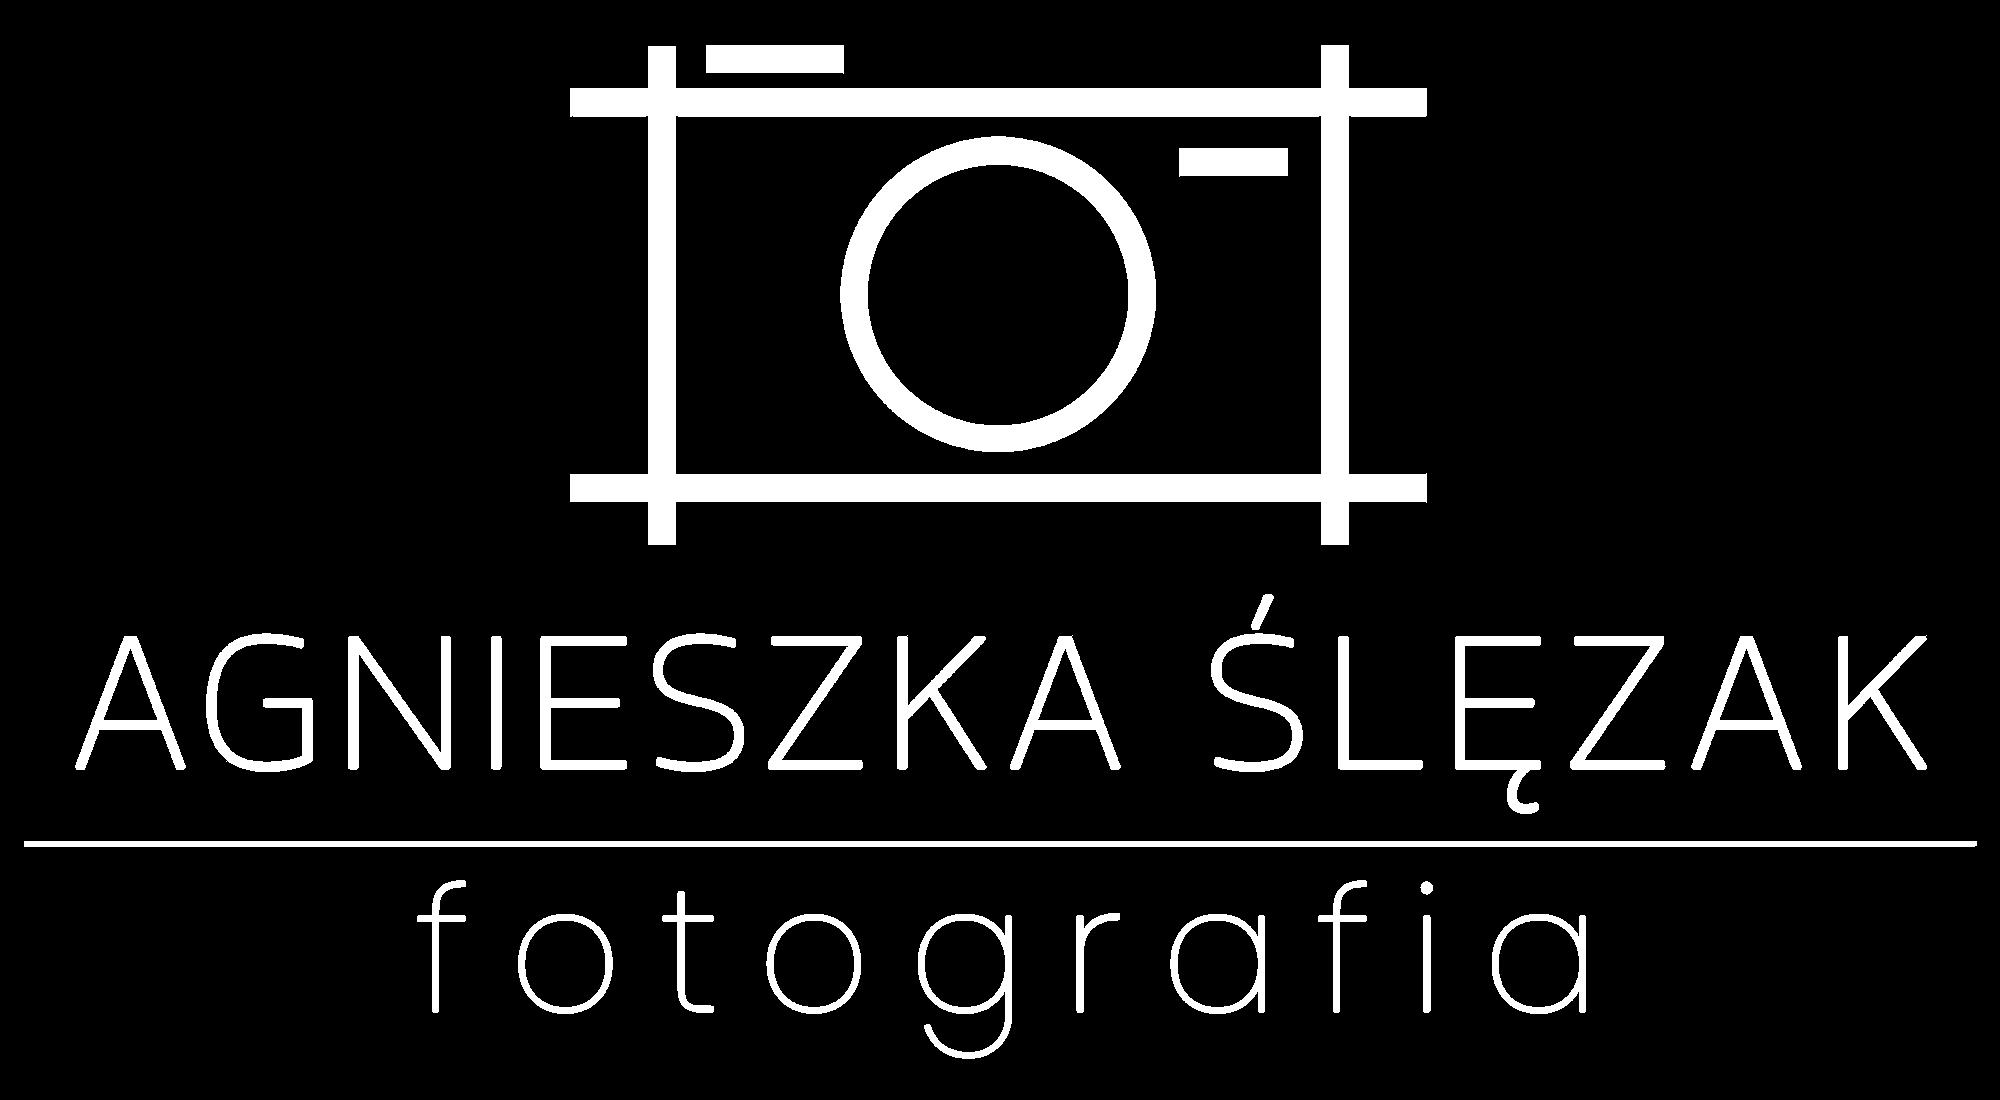 agnieszka ślęzak fotografia